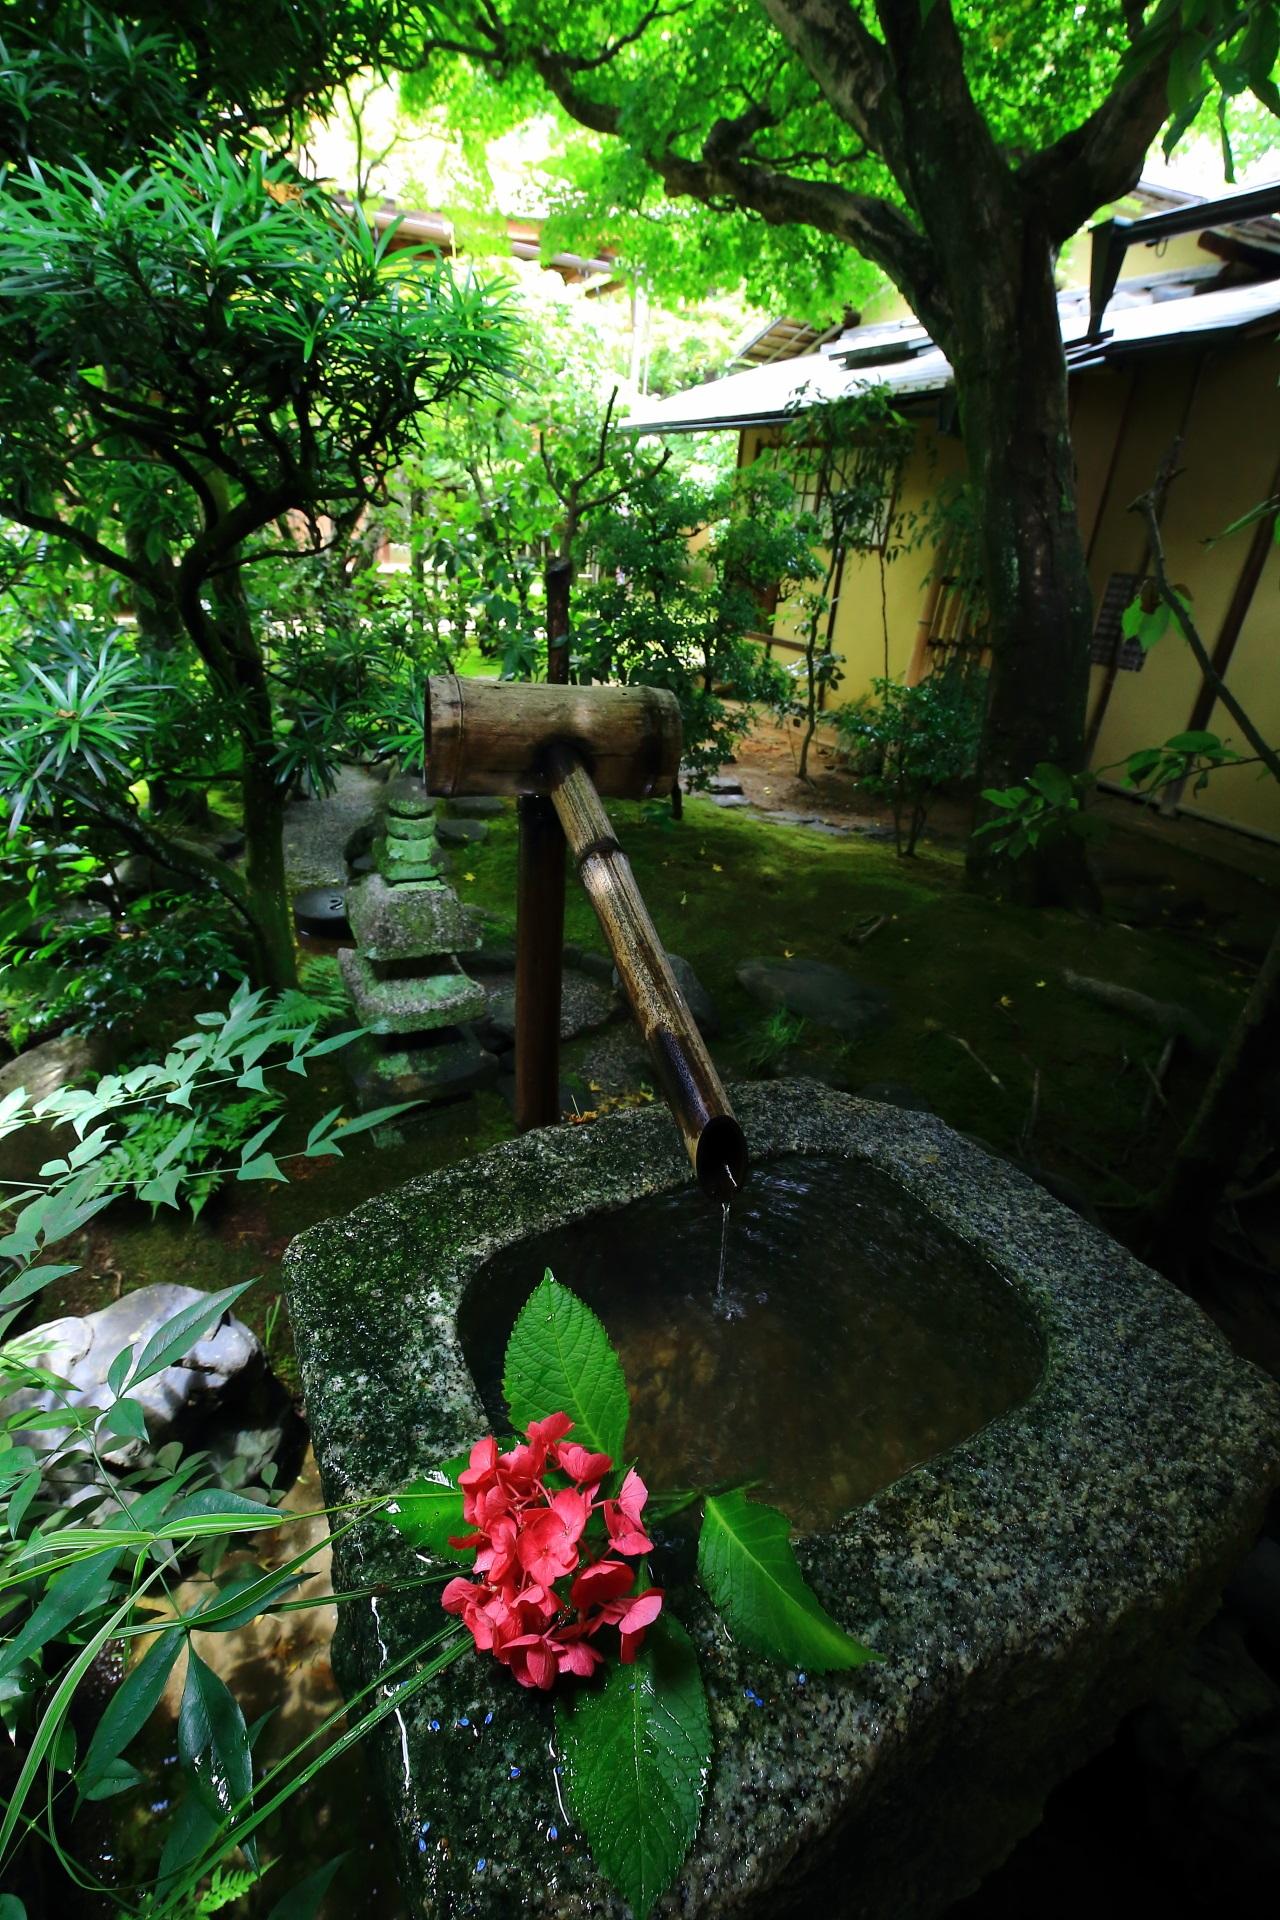 興臨院の落ち着いた色合いの中庭の手水鉢にそえられる鮮やかな紫陽花